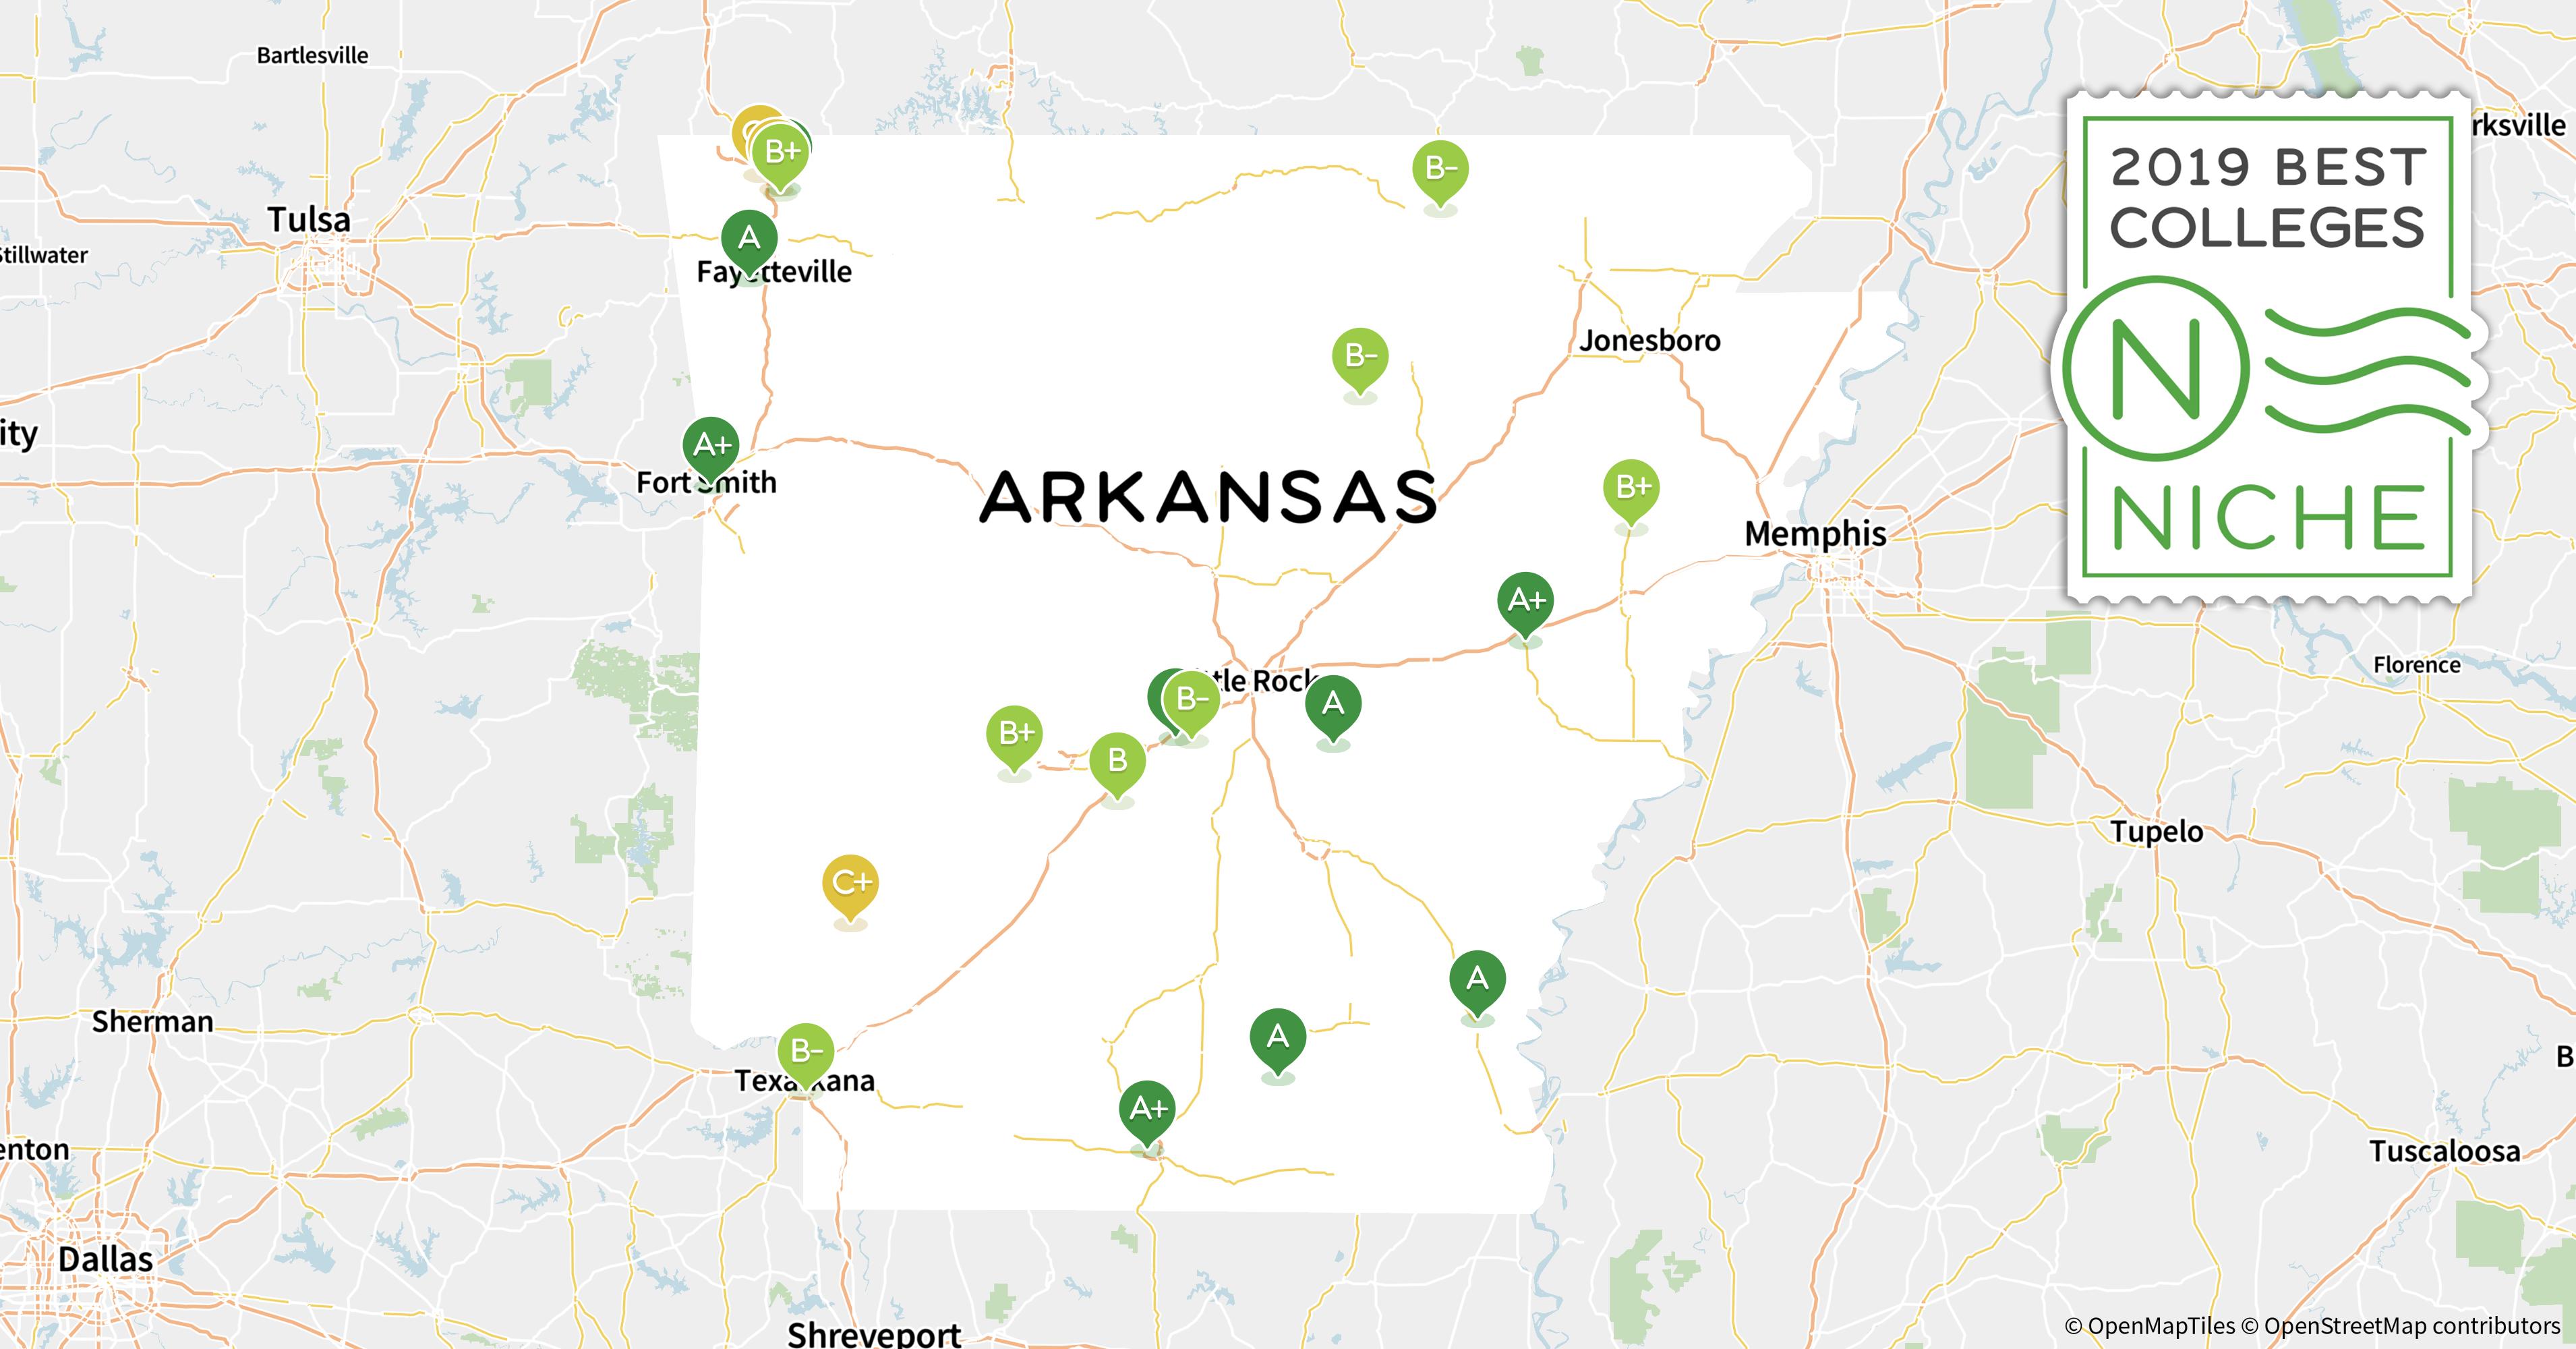 2019 Best Colleges In Arkansas Niche